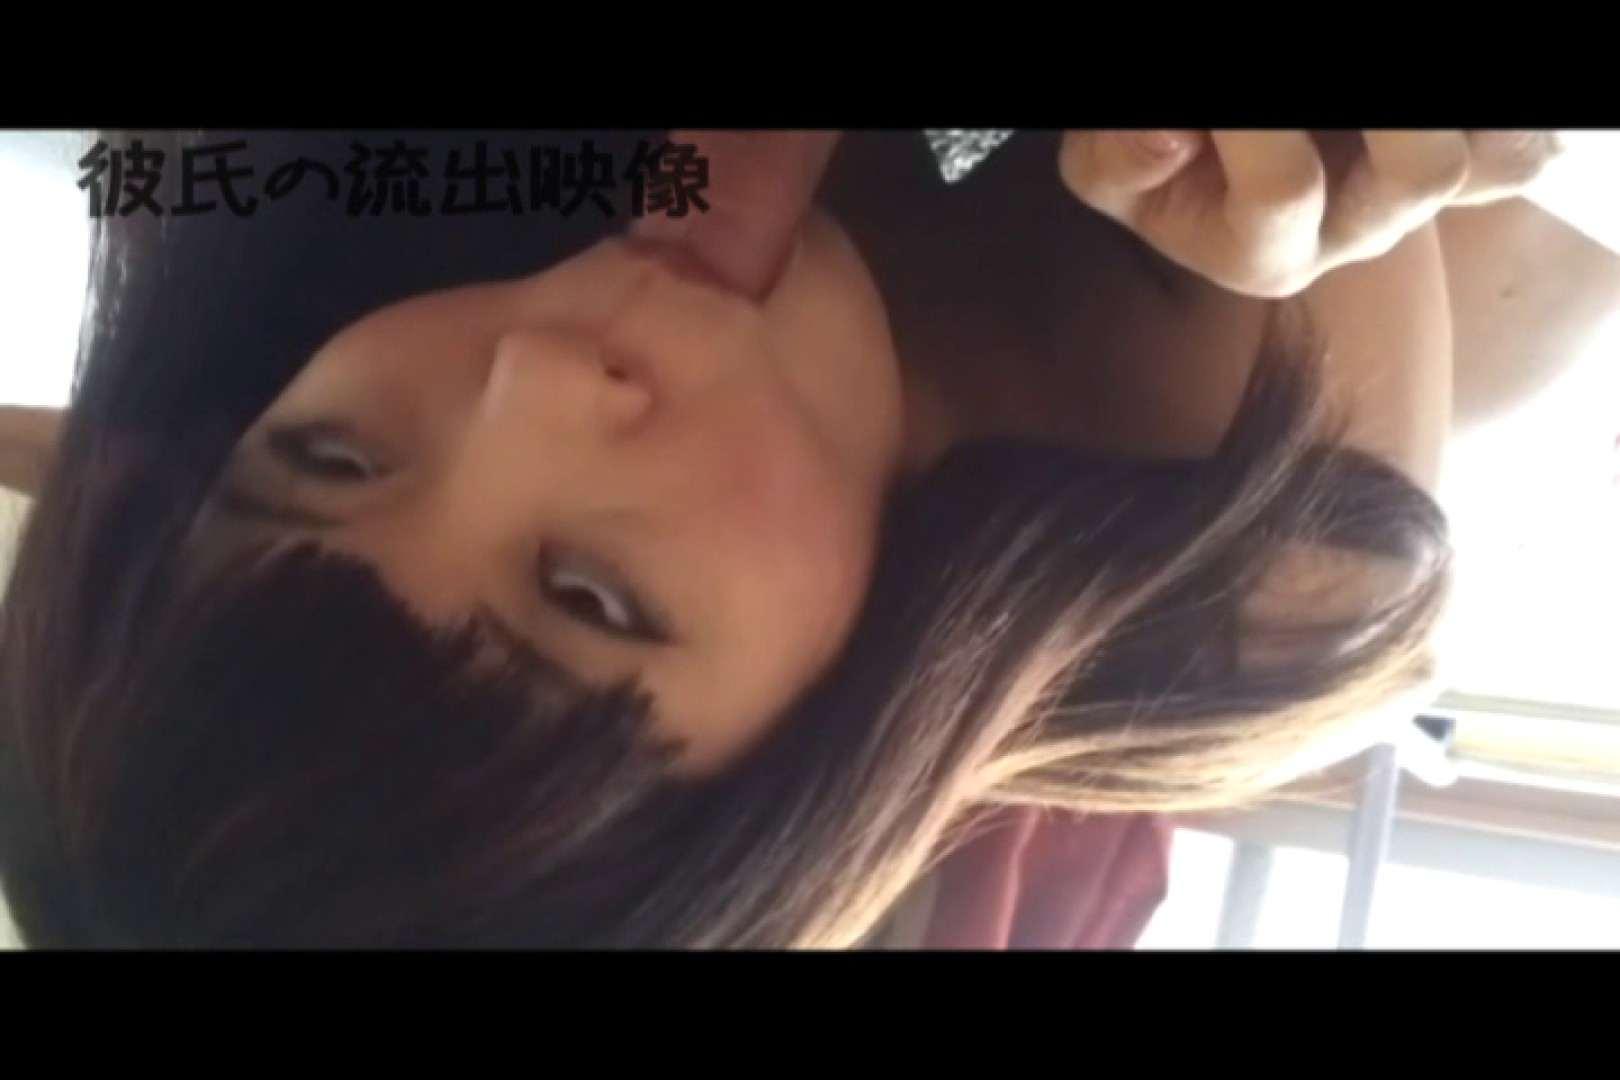 彼氏が流出 パイパン素人嬢のハメ撮り映像03 素人 おまんこ無修正動画無料 22連発 2